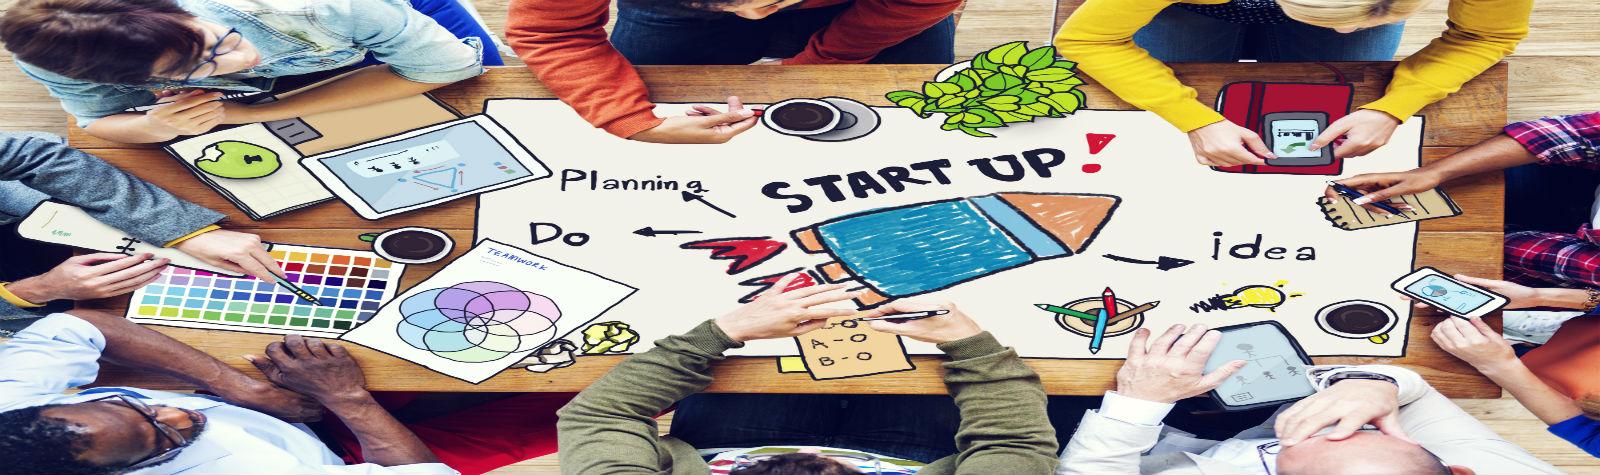 Vi har lykkes som start-up / corporate start up – HVA NÅ?